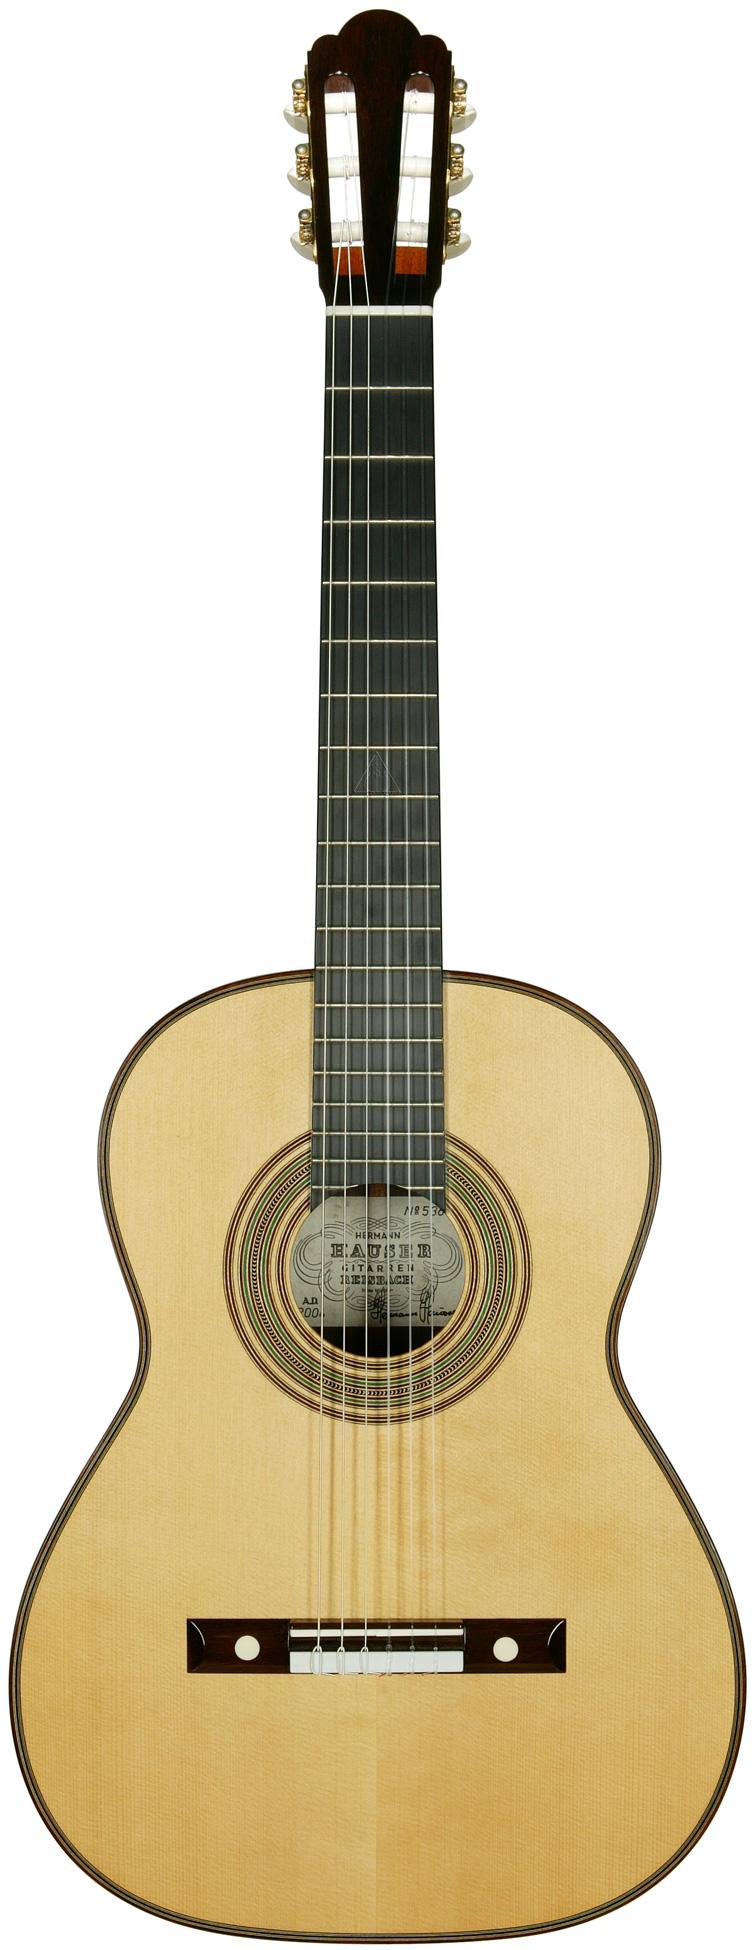 guitar_fr_lg_80.jpg